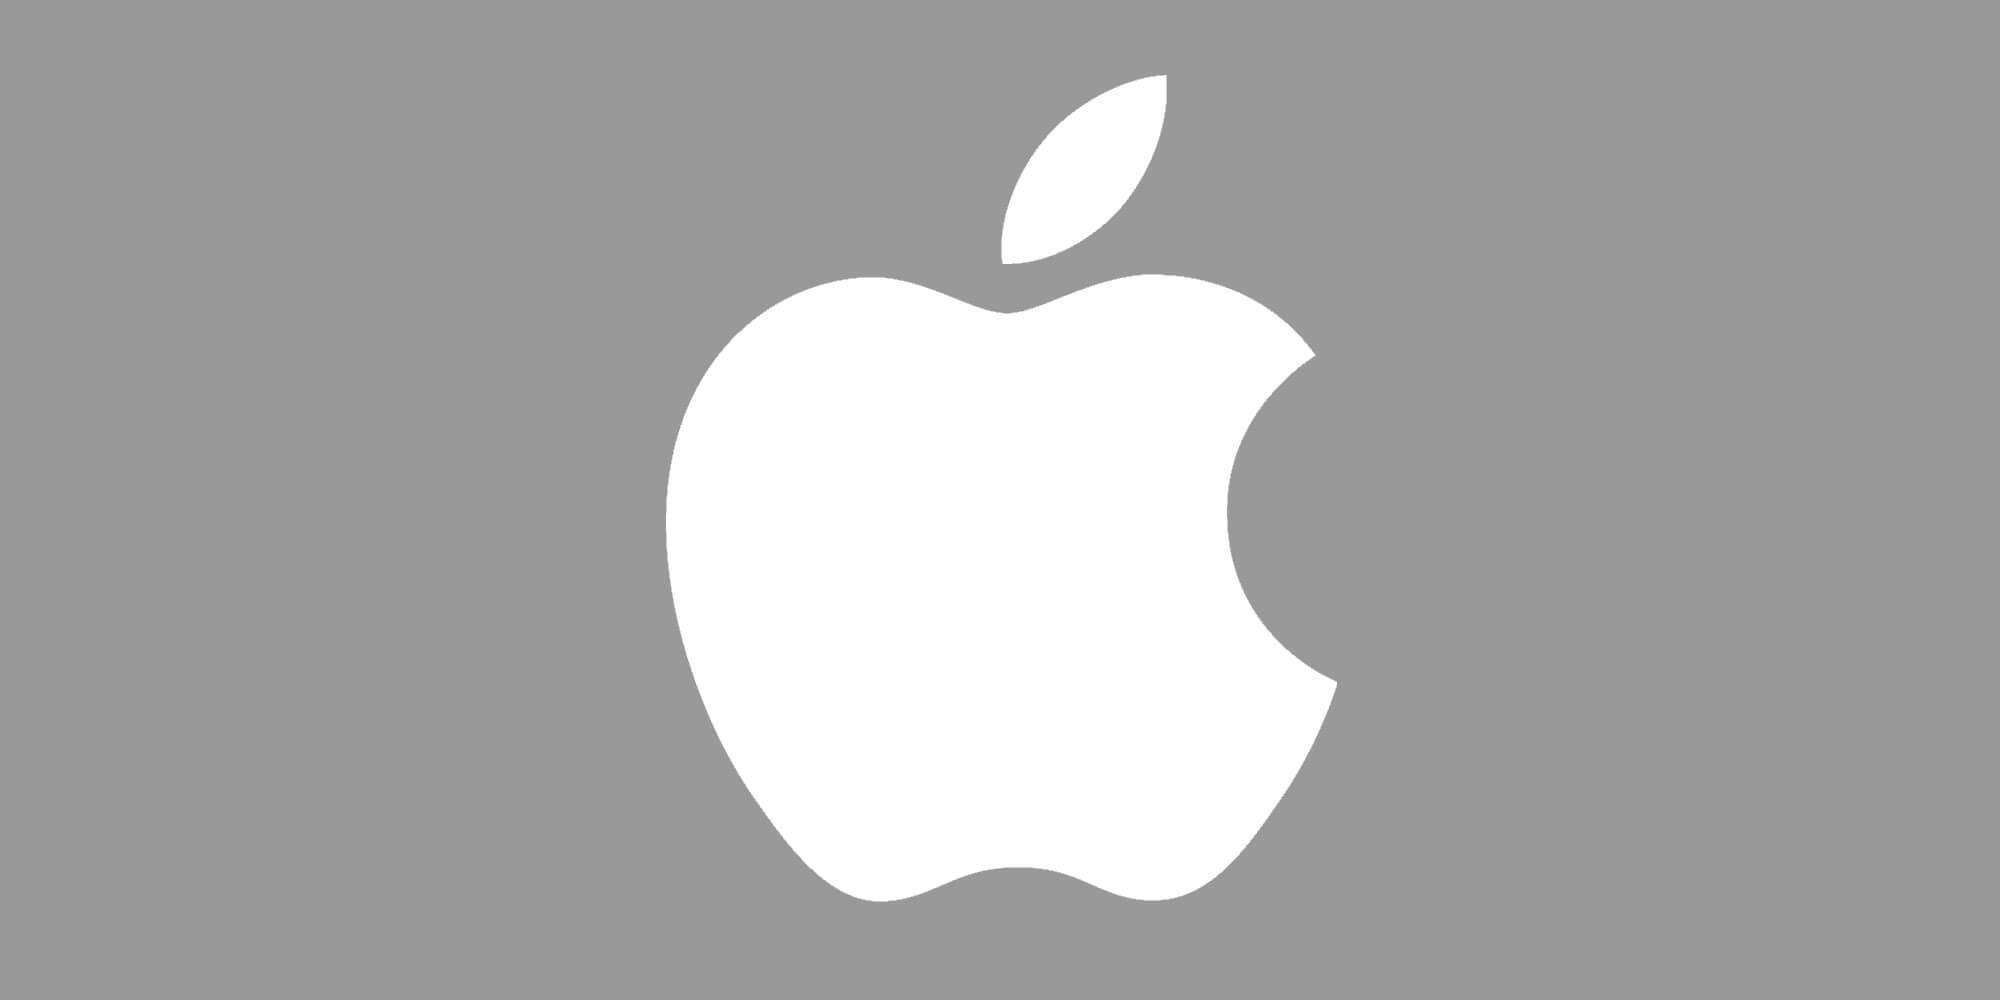 Apple Logo 2 - Warum ist ein Logo wichtig? Gründe für ein eigenes Logo